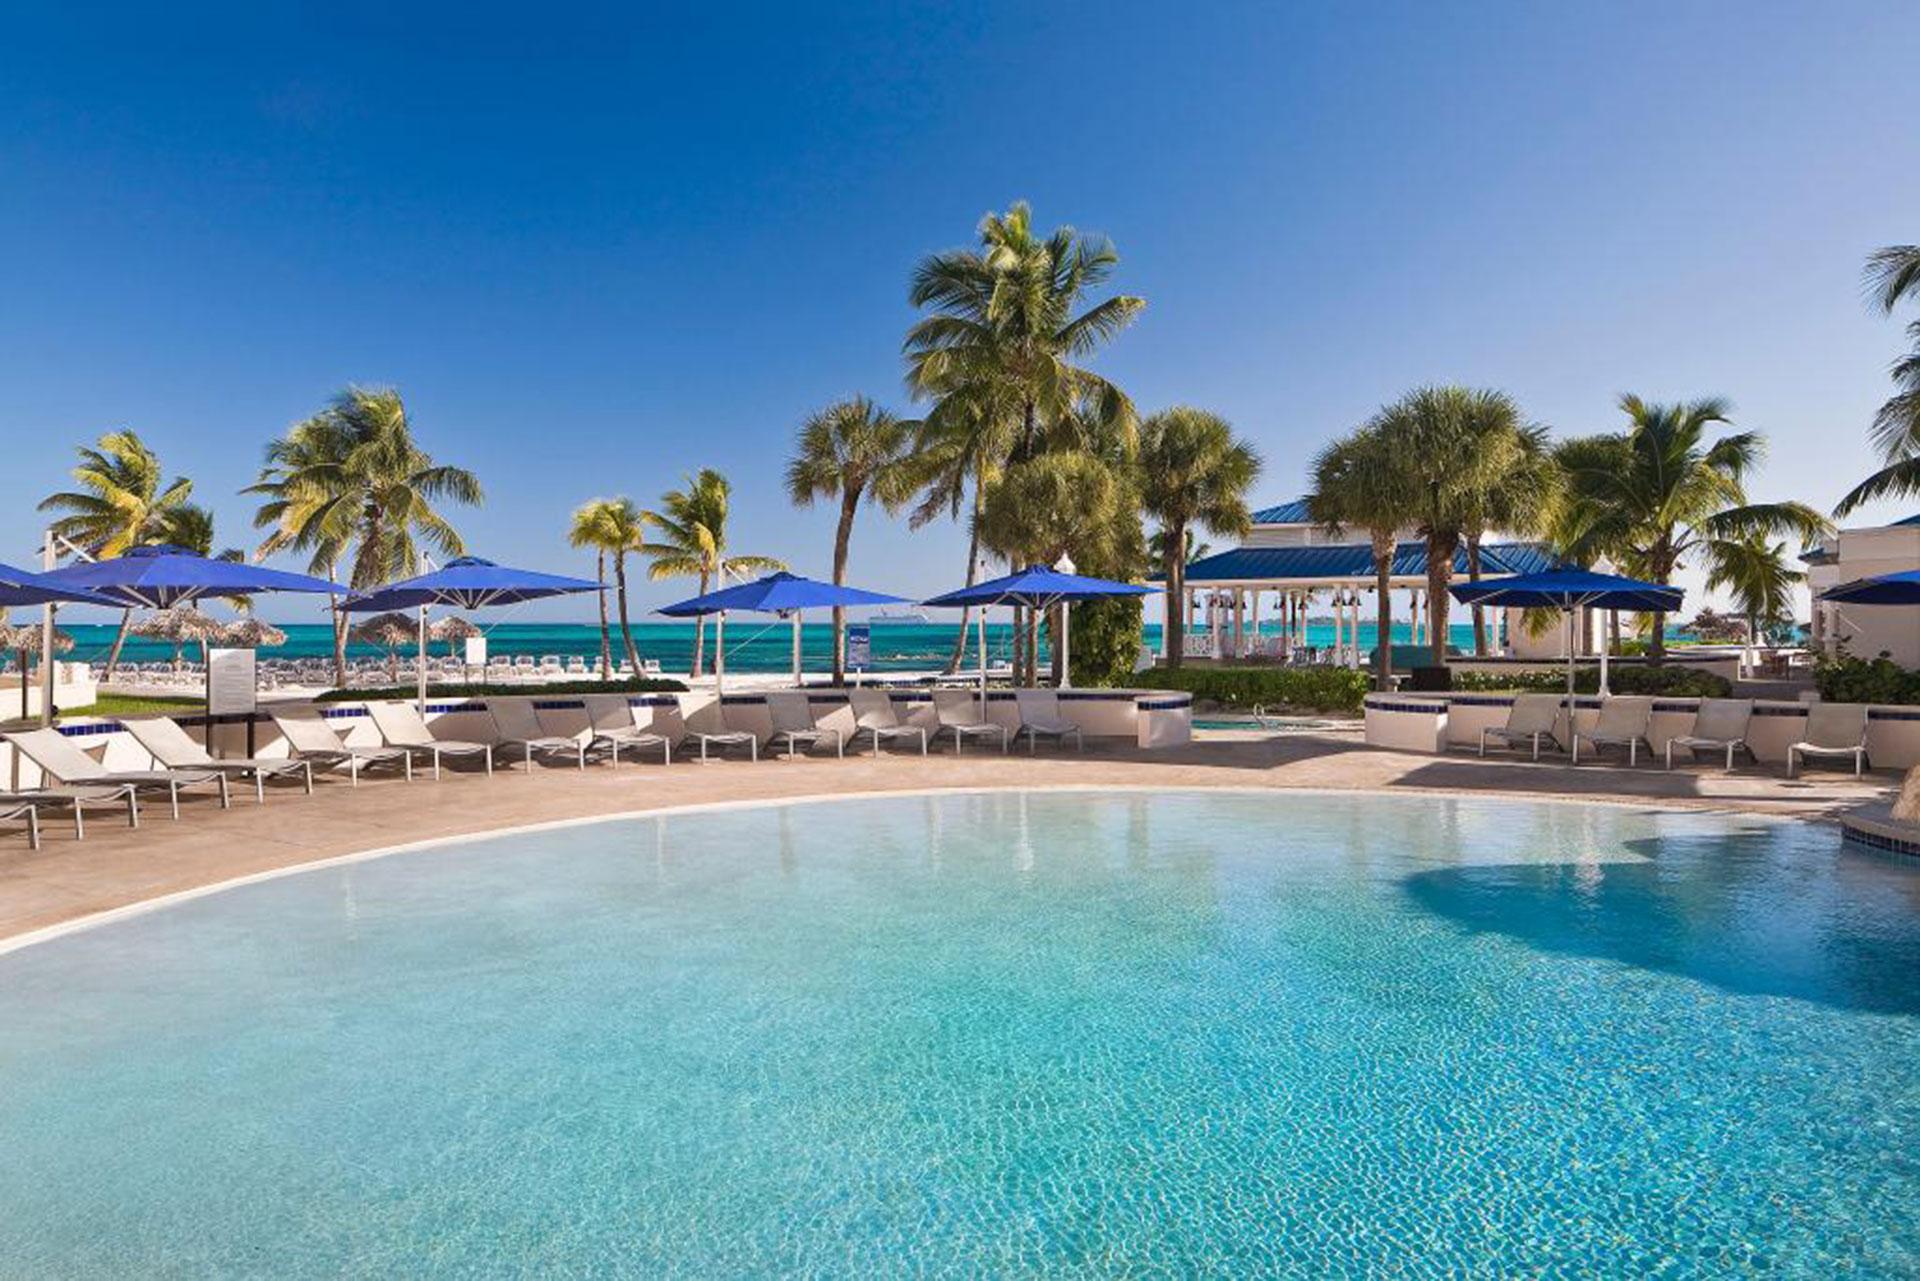 Melia Nassau Beach Resort in Bahamas